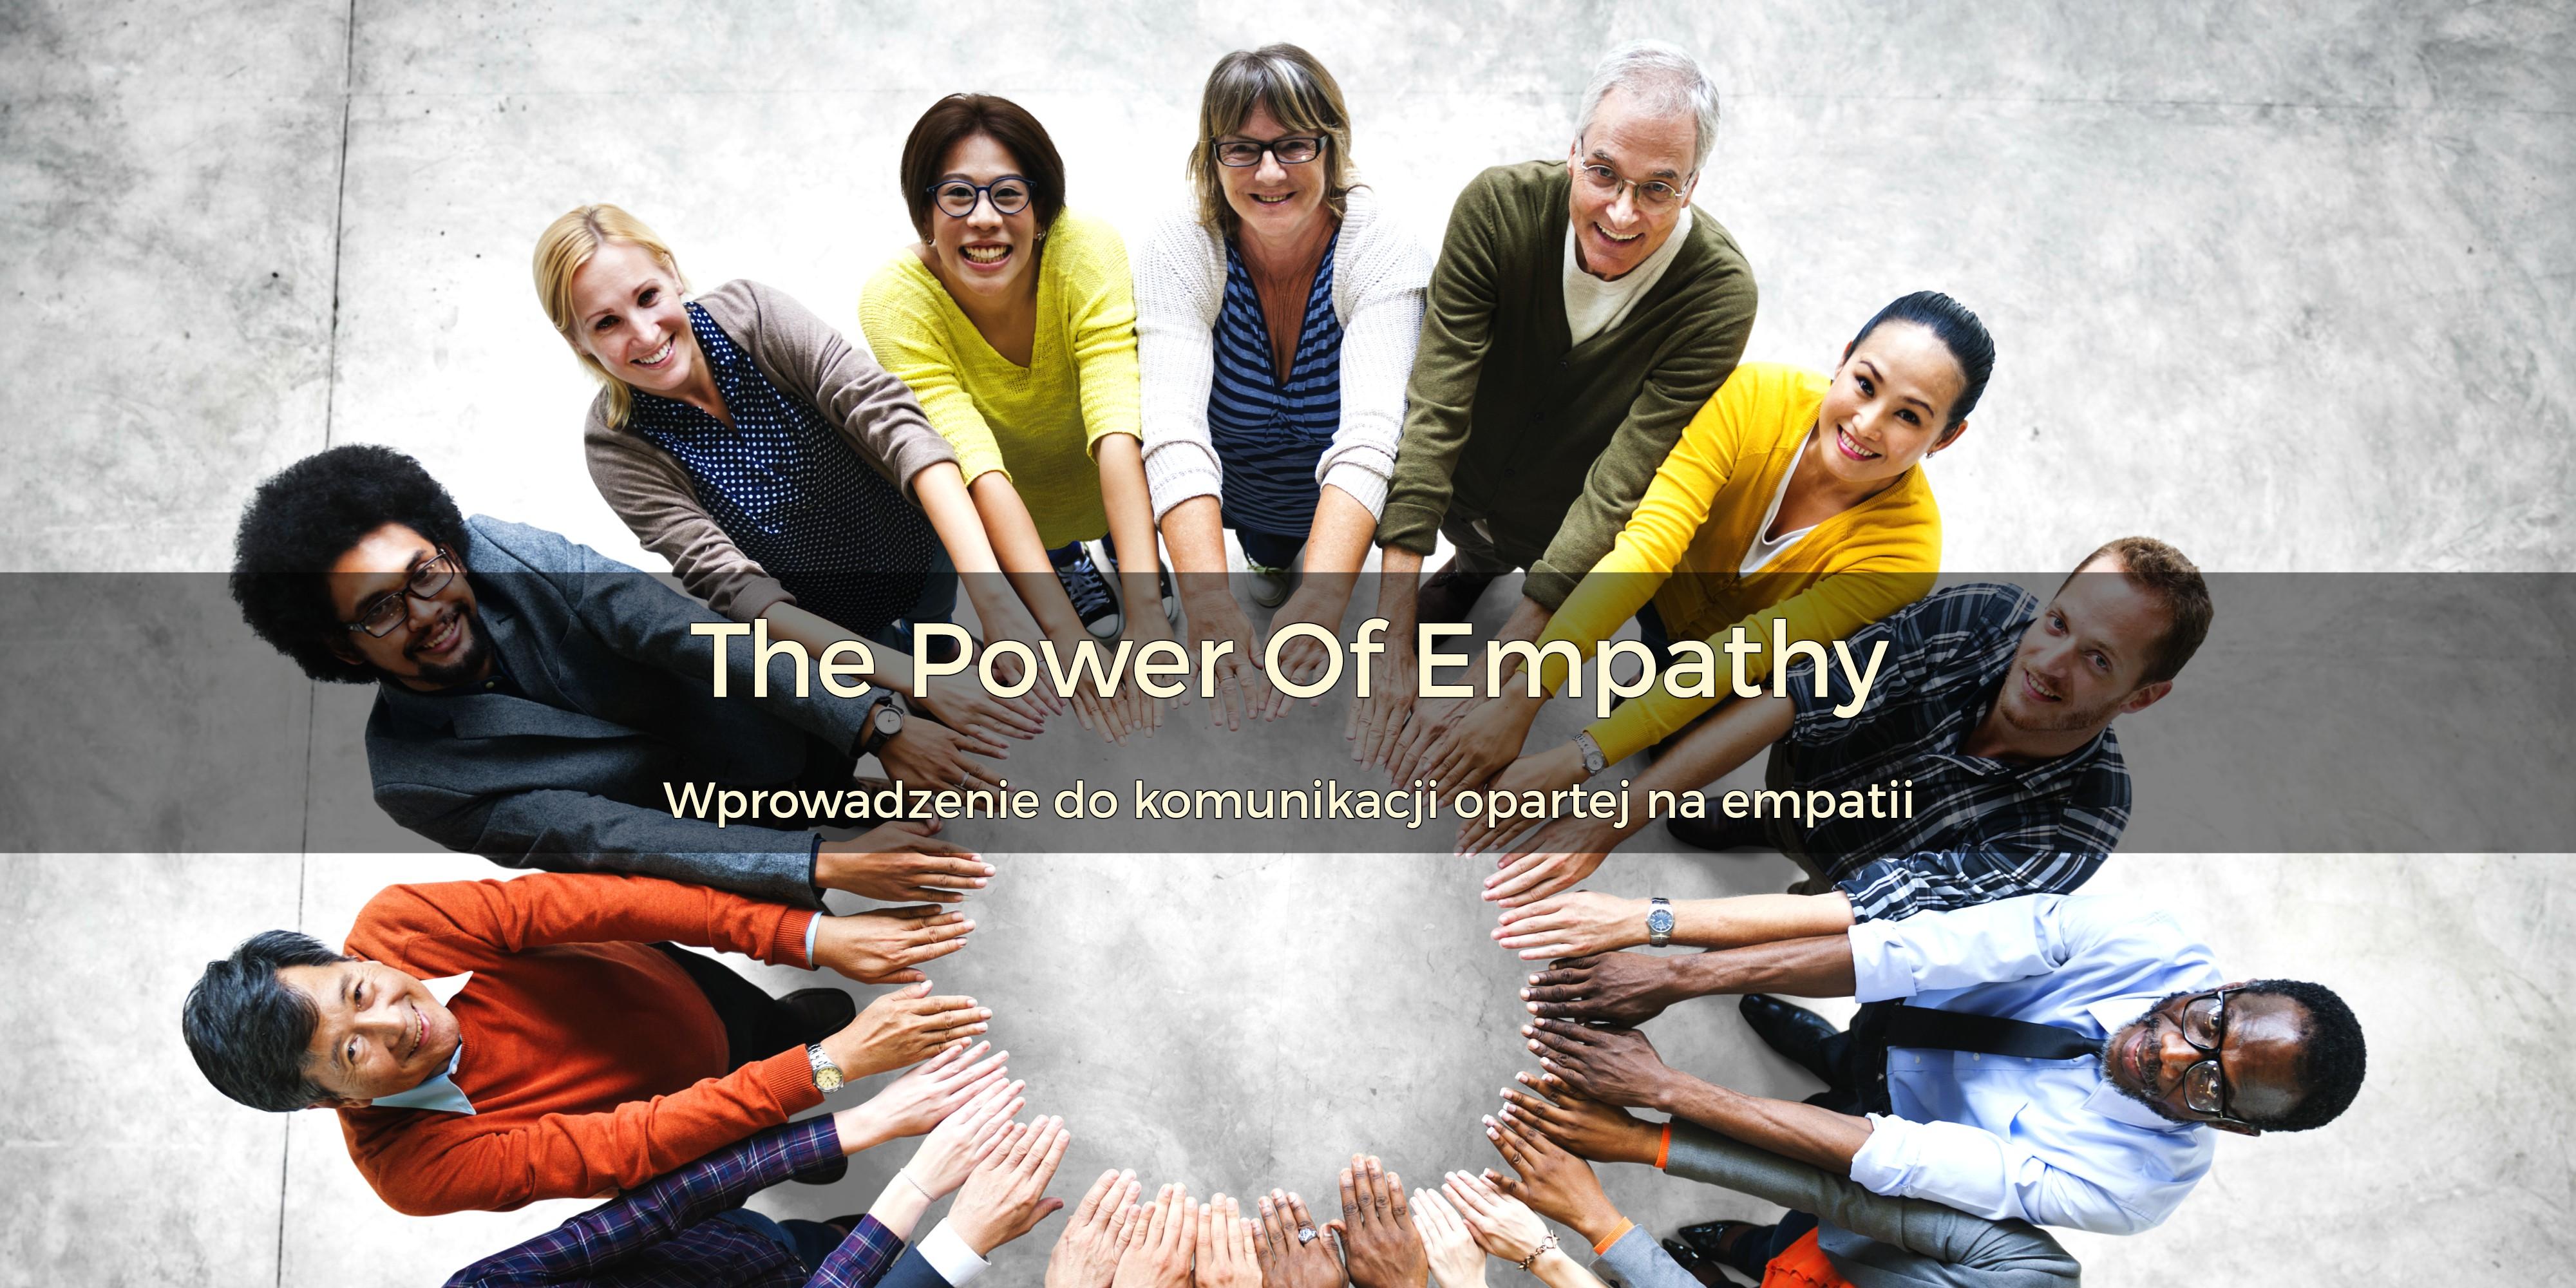 The Power Of Empathy – wprowadzenie do komunikacji empatycznej | 8-9 kwietnia 2017 | Warszawa